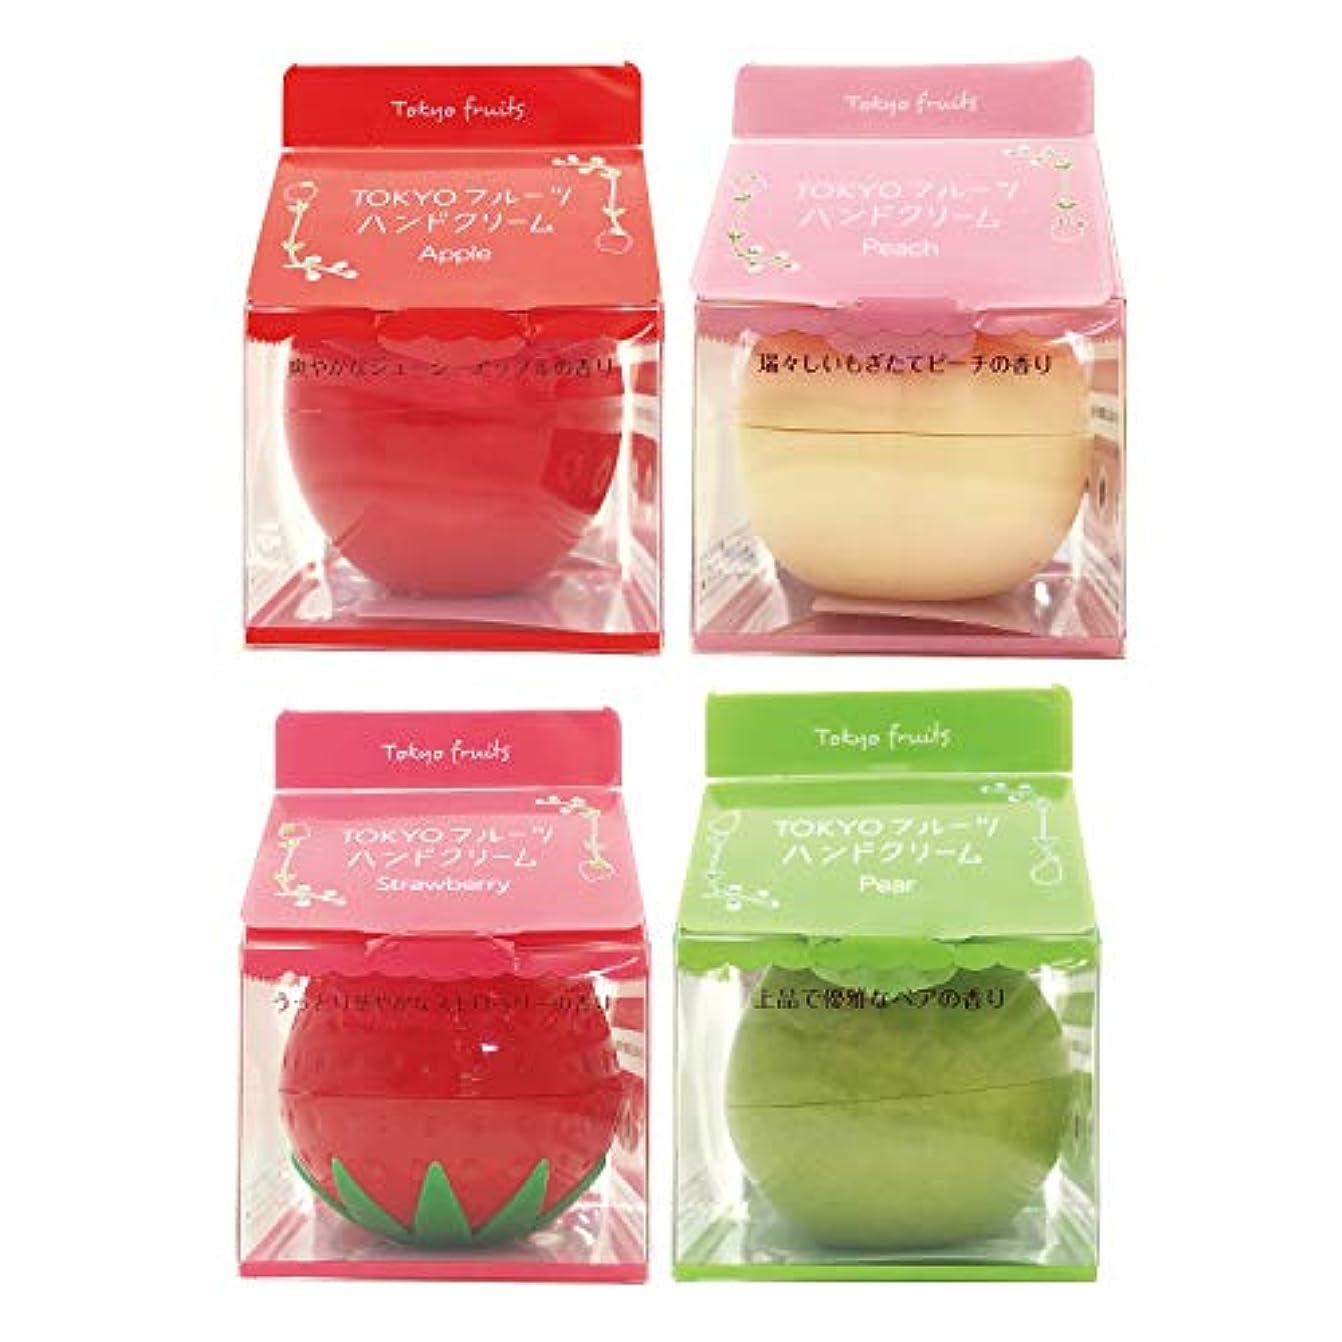 教育者届けるプラスチックTokyoFruits TOKYOフルーツハンドクリーム4種コンプリートセット 30g